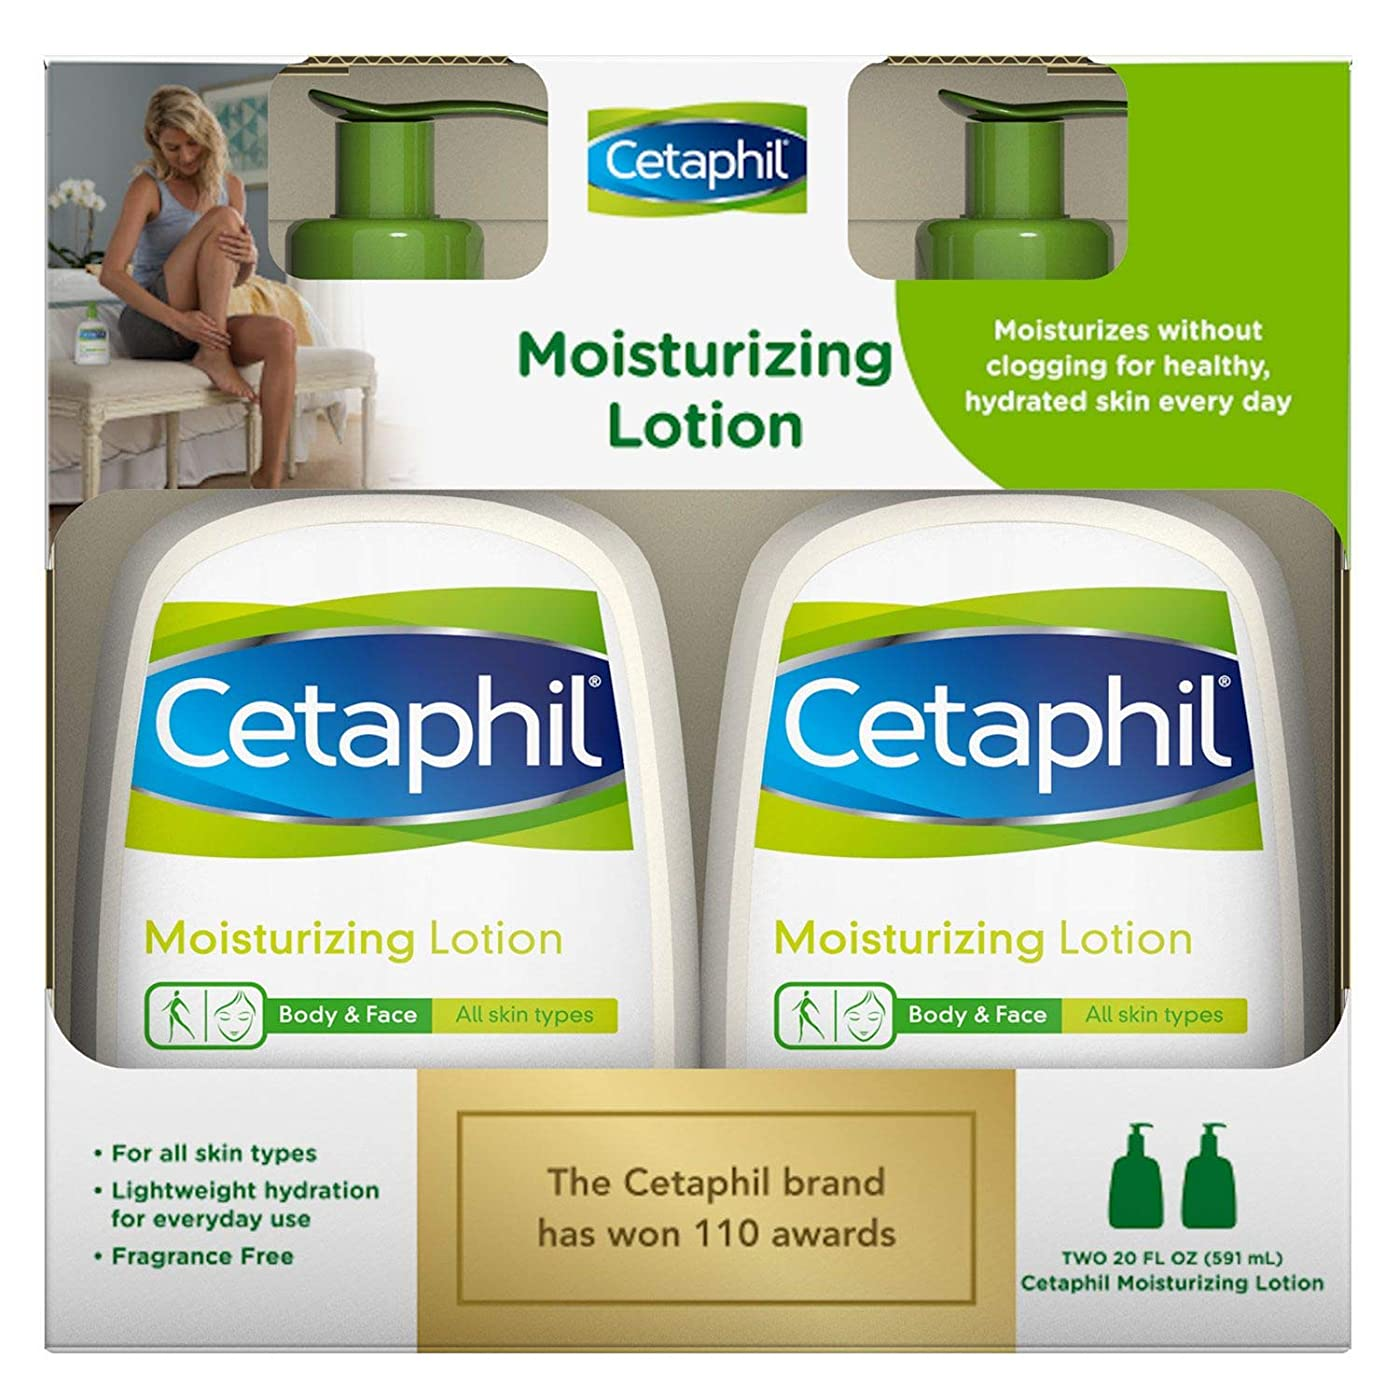 独占燃やす趣味セタフィル モイスチャライジングローション 591ml 2本セット Cetaphil Moisturizing Lotion 20oz twin pack